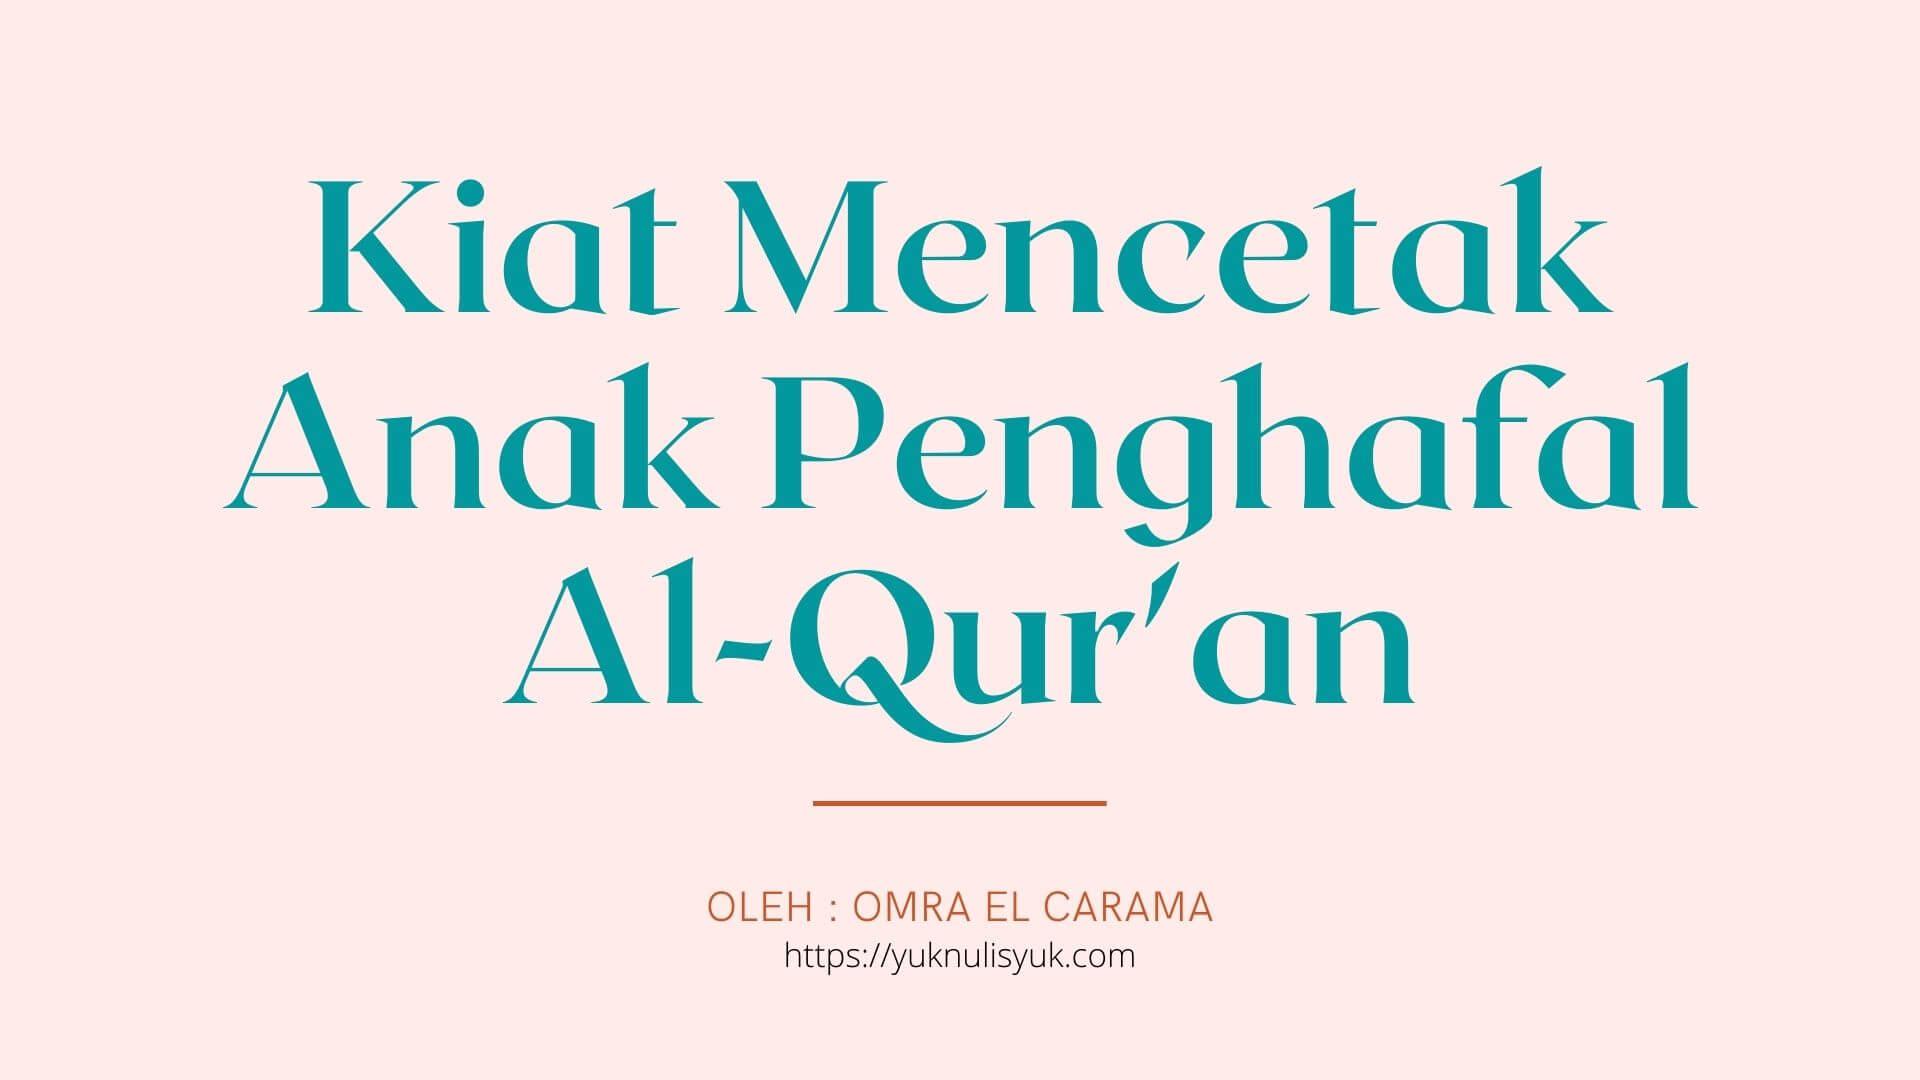 Kiat Mencetak Anak Penghafal Al-Qur'an